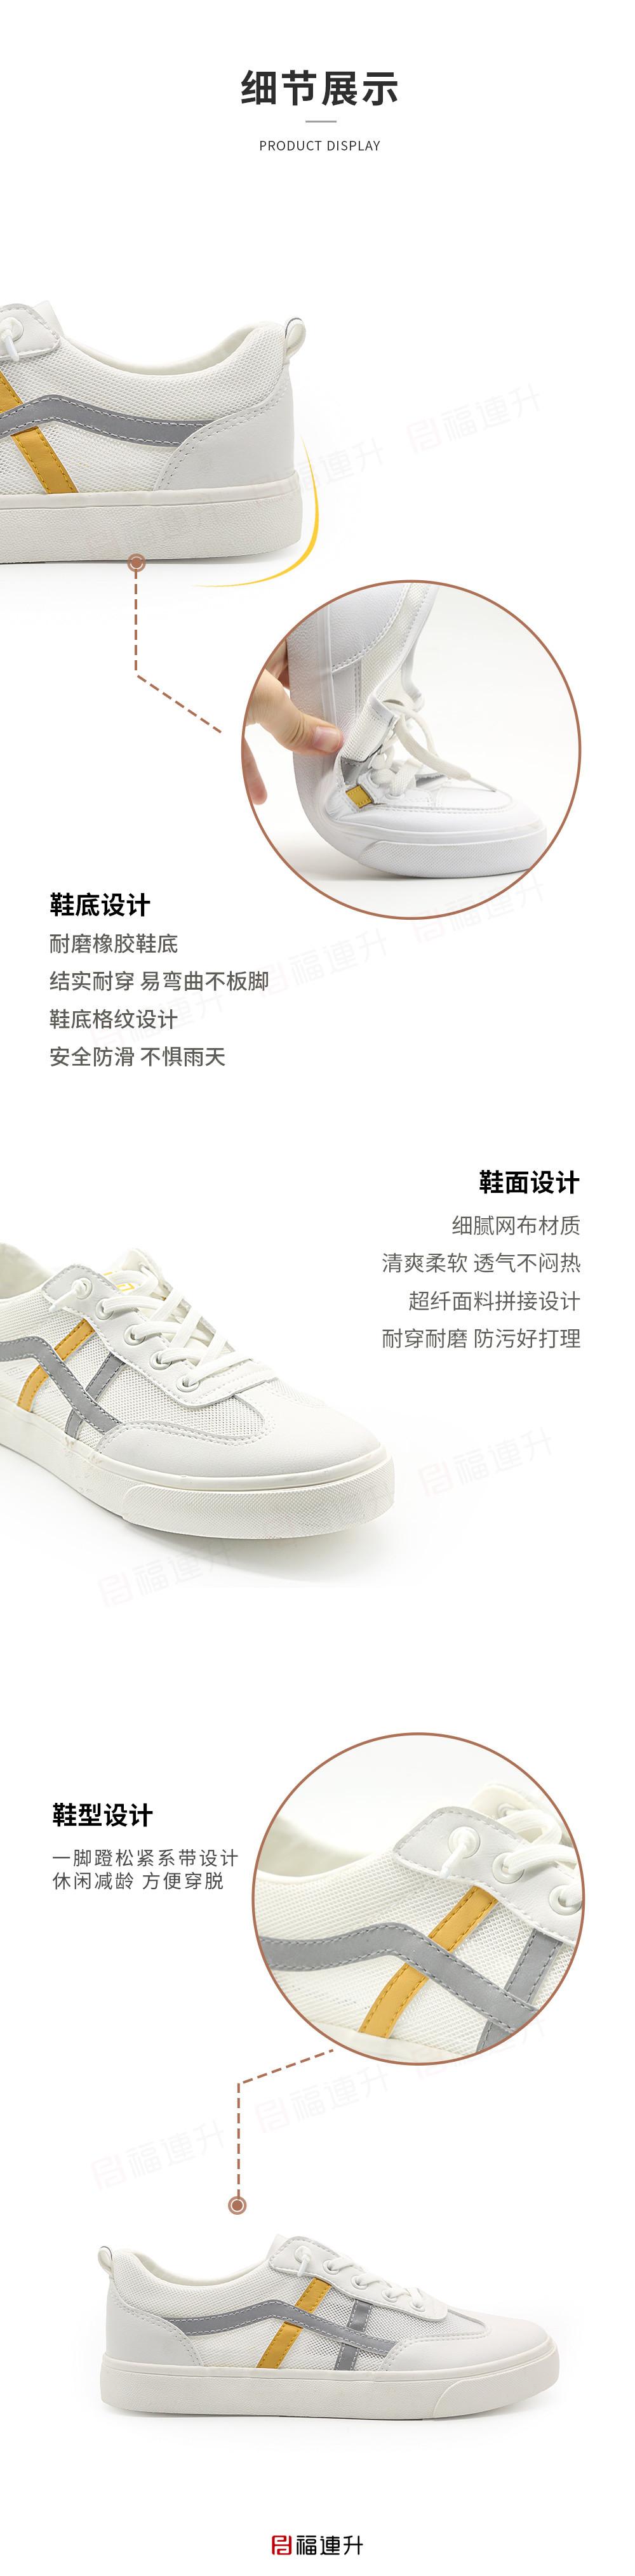 福连升夏季休闲网布透气舒适小白鞋平底阿甘鞋男鞋图片